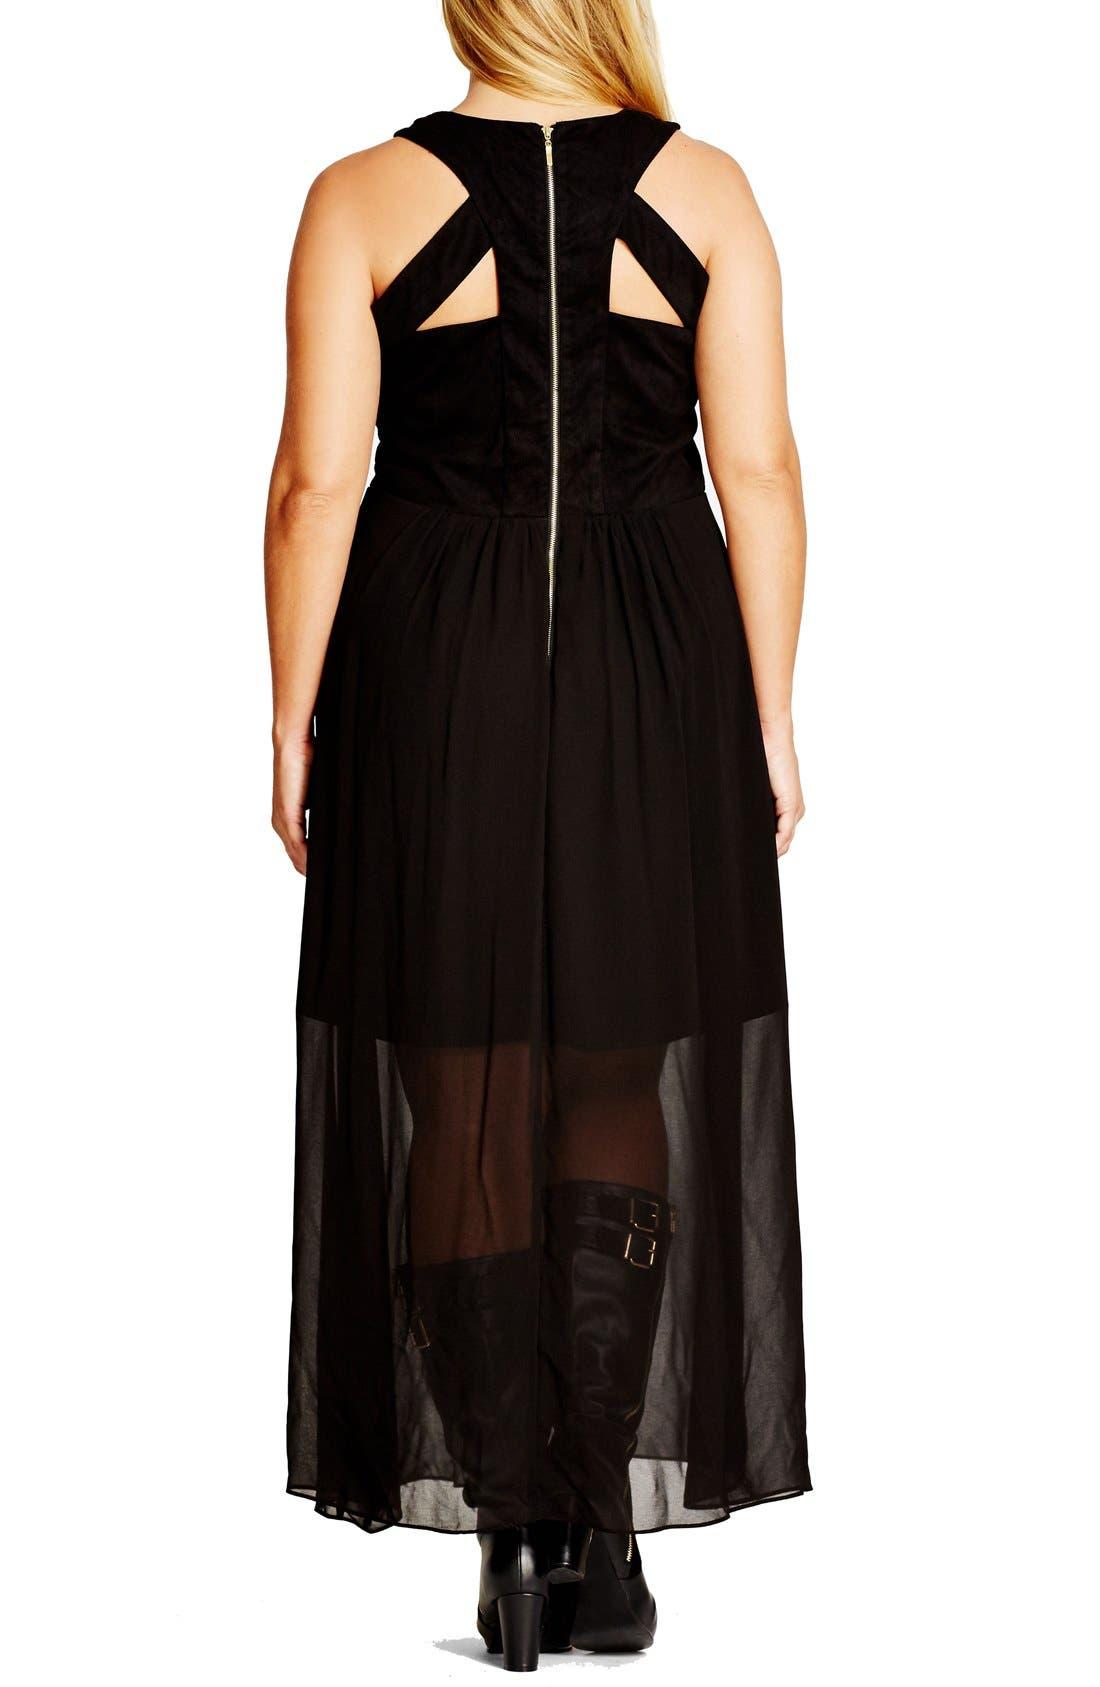 'Rhianna' Lace-Up Trim Faux Suede & Chiffon Maxi Dress,                             Alternate thumbnail 2, color,                             001